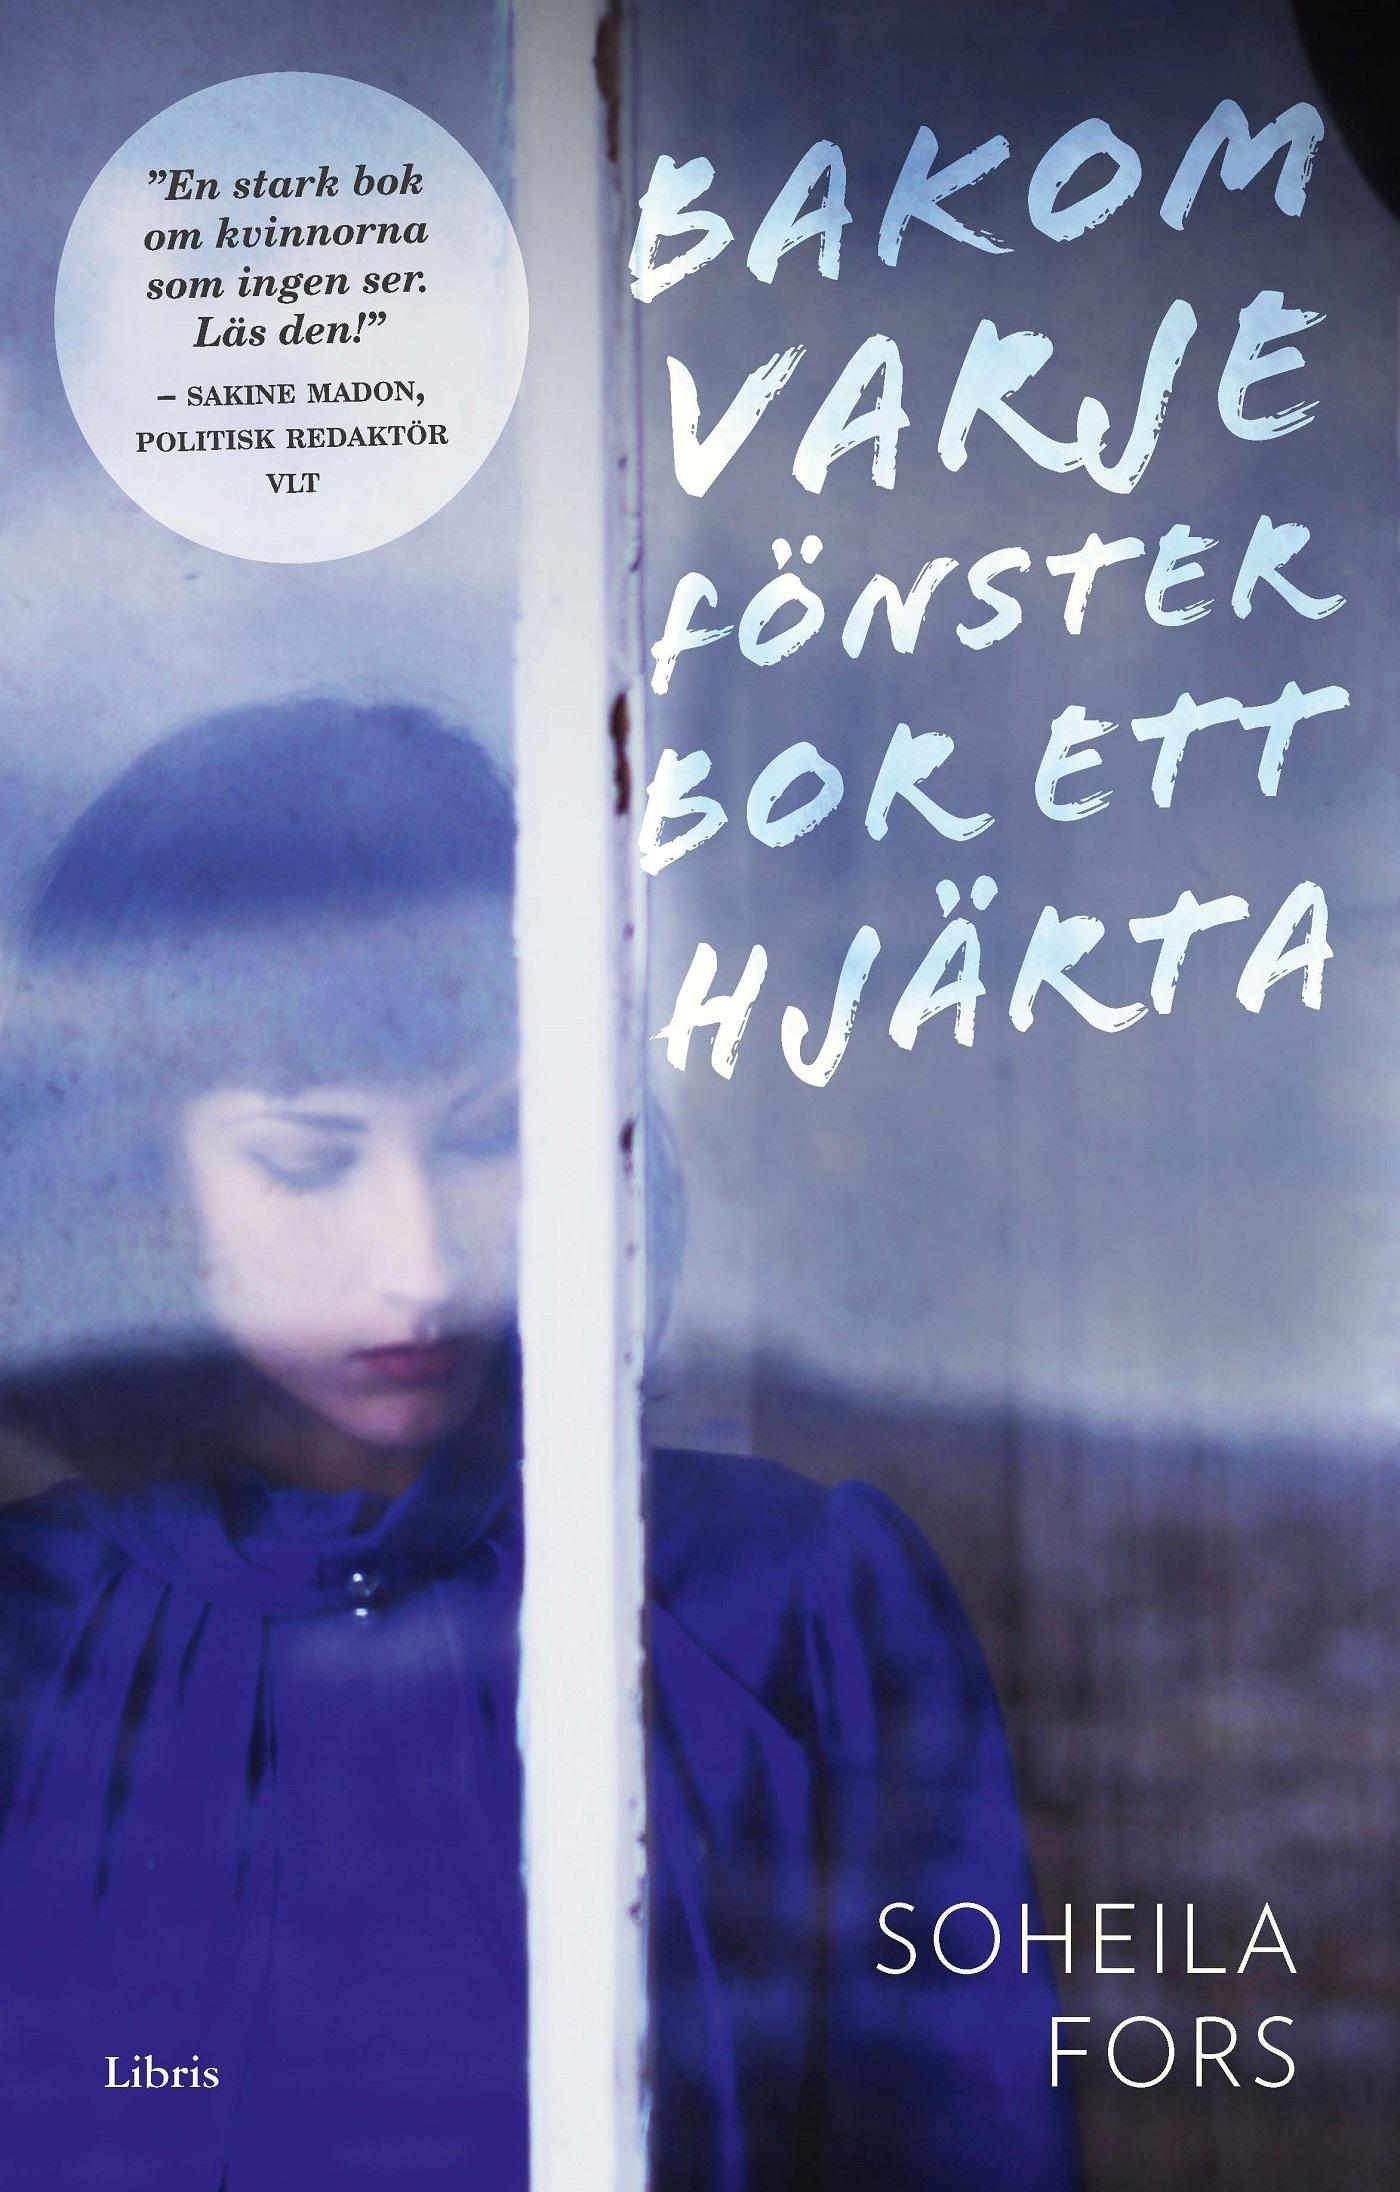 Image for Bakom varje fönster bor ett hjärta from Suomalainen.com